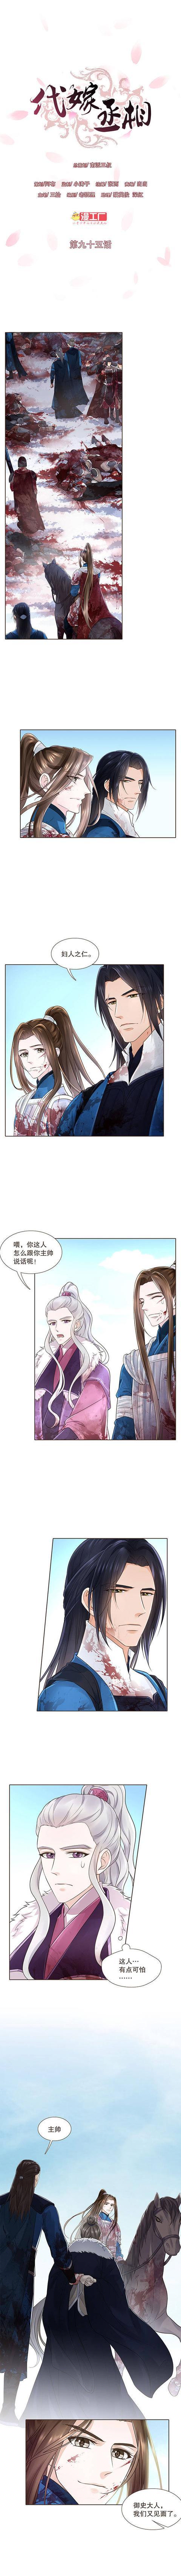 代嫁丞相小说